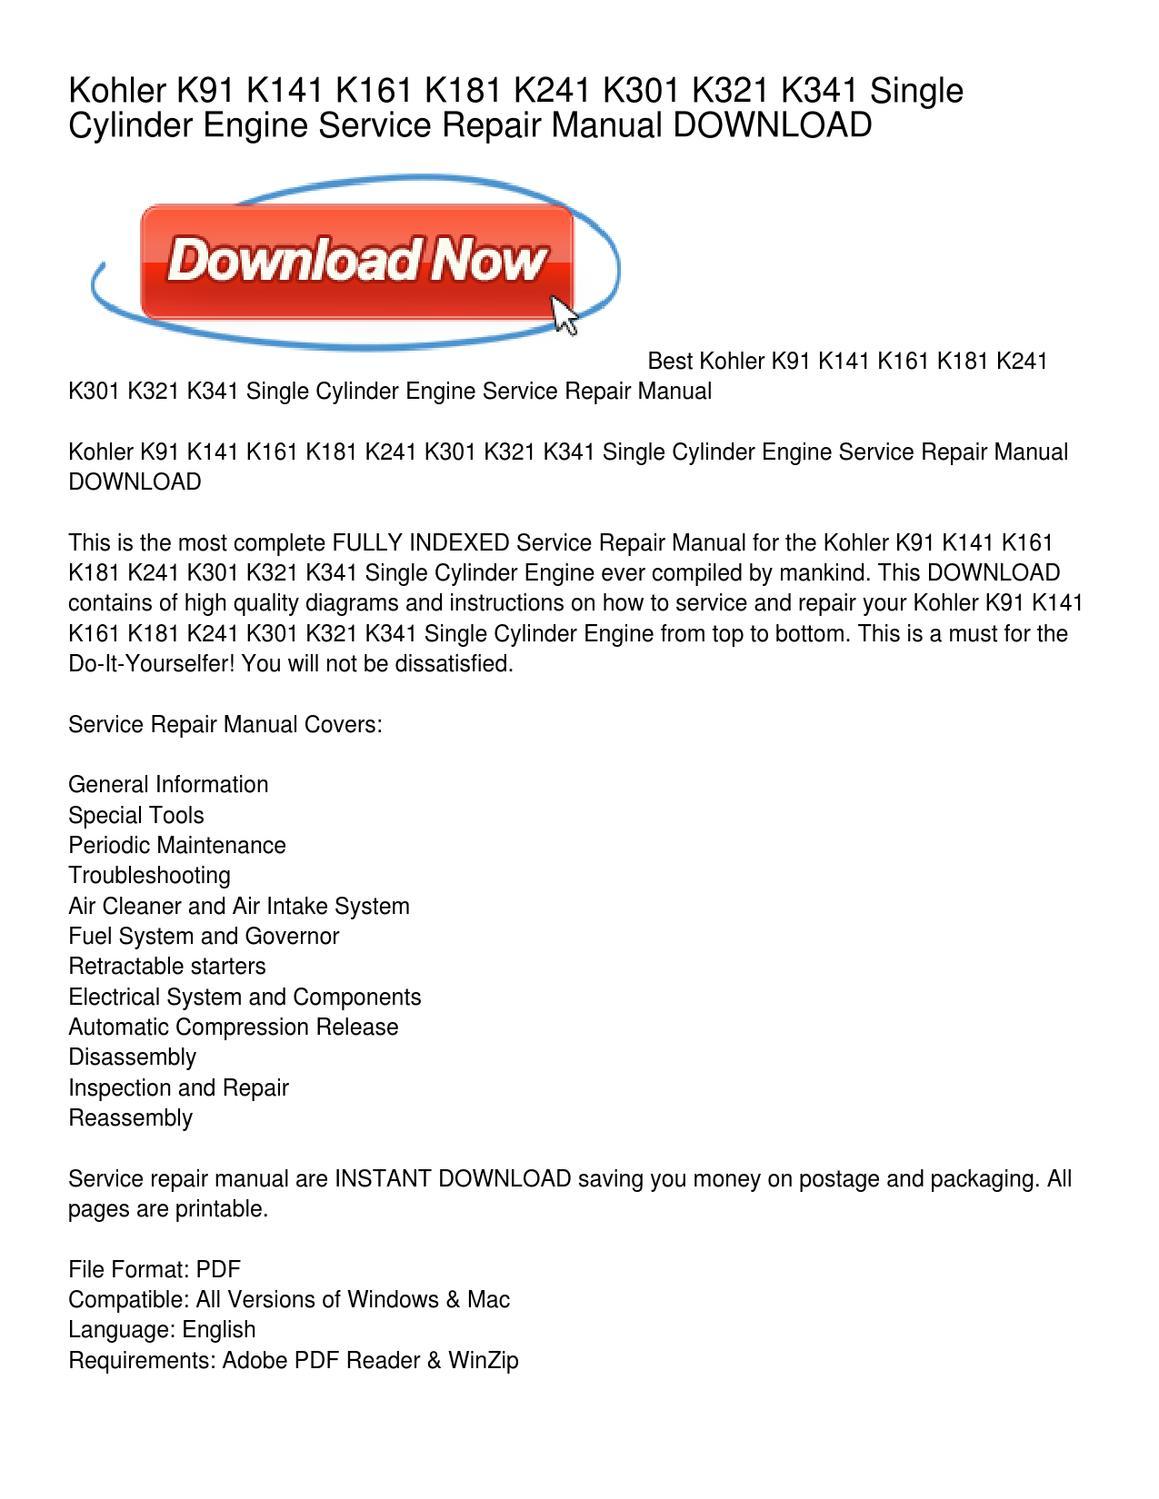 hight resolution of kohler k91 k141 k161 k181 k241 k301 k321 k341 single cylinder engine service repair manual download by peggy paige issuu